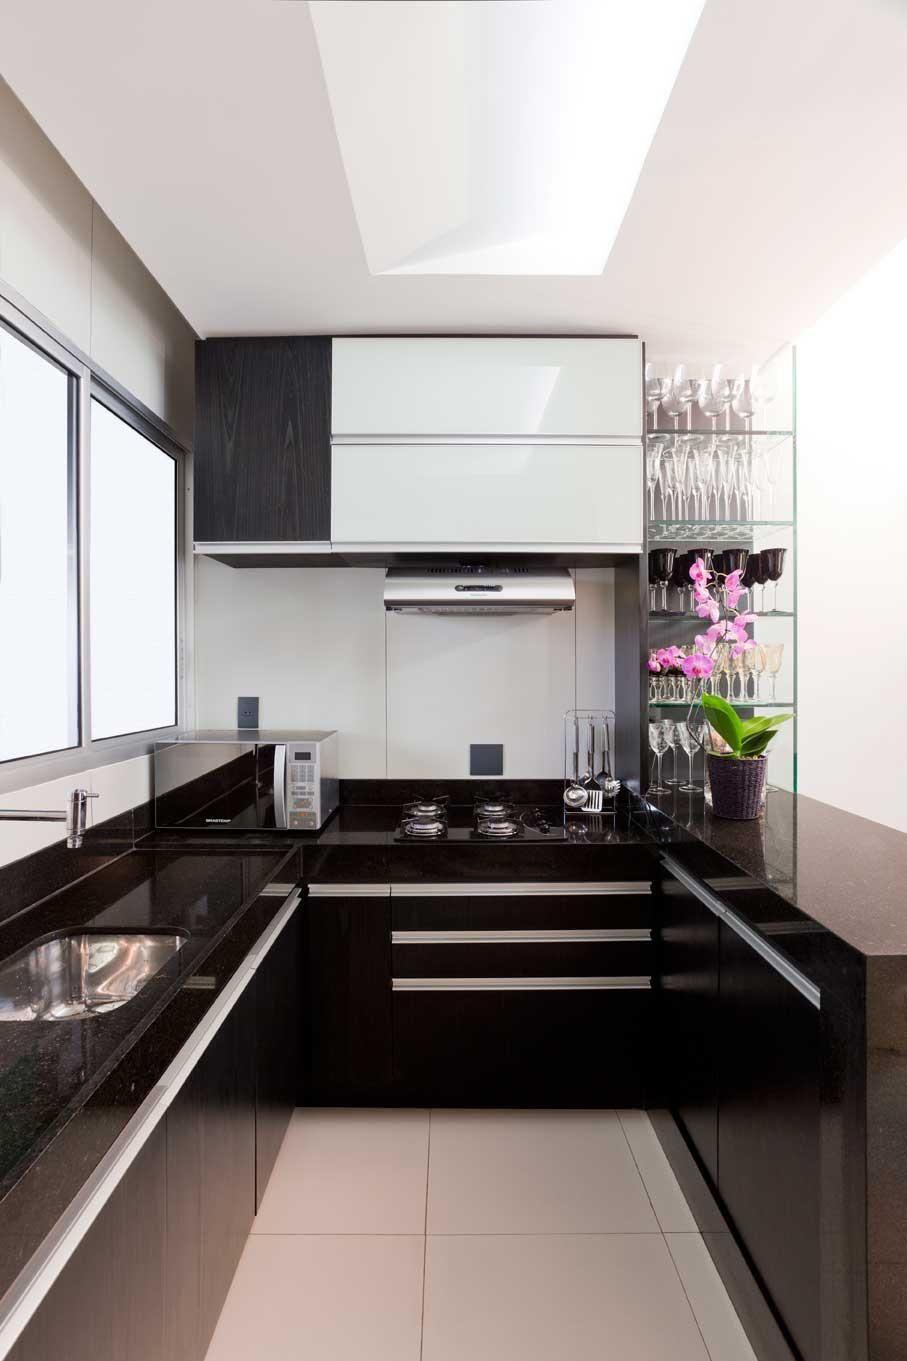 Cozinha Planejada Preto E Branco De Luis Fabio Rezende De Araujo